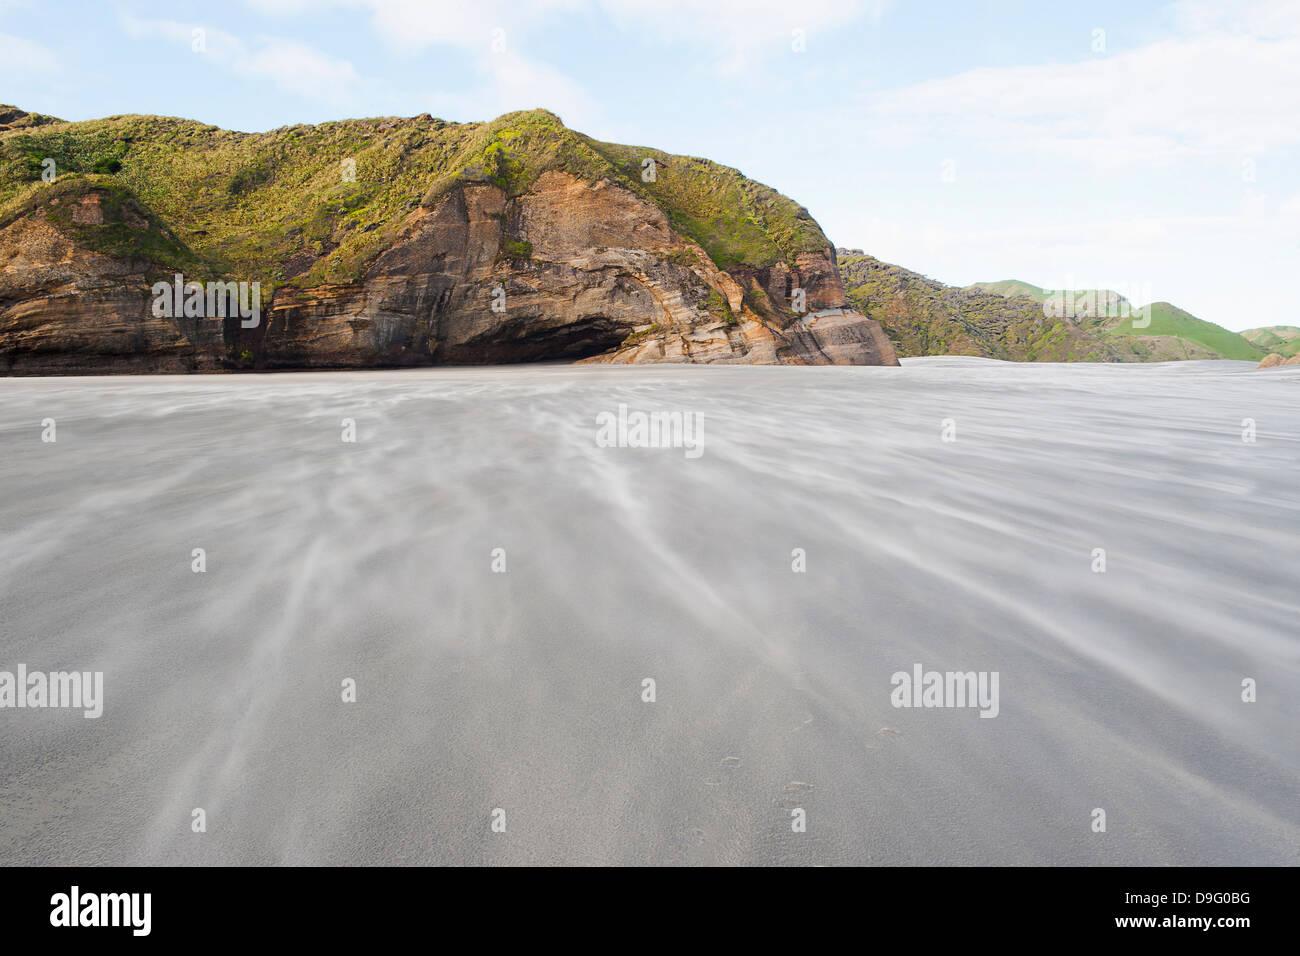 Soplado de arena a lo largo de windy Wharariki Beach, Bahía Dorada, Región de Tasmania, Isla del Sur, Nueva Zelanda Foto de stock